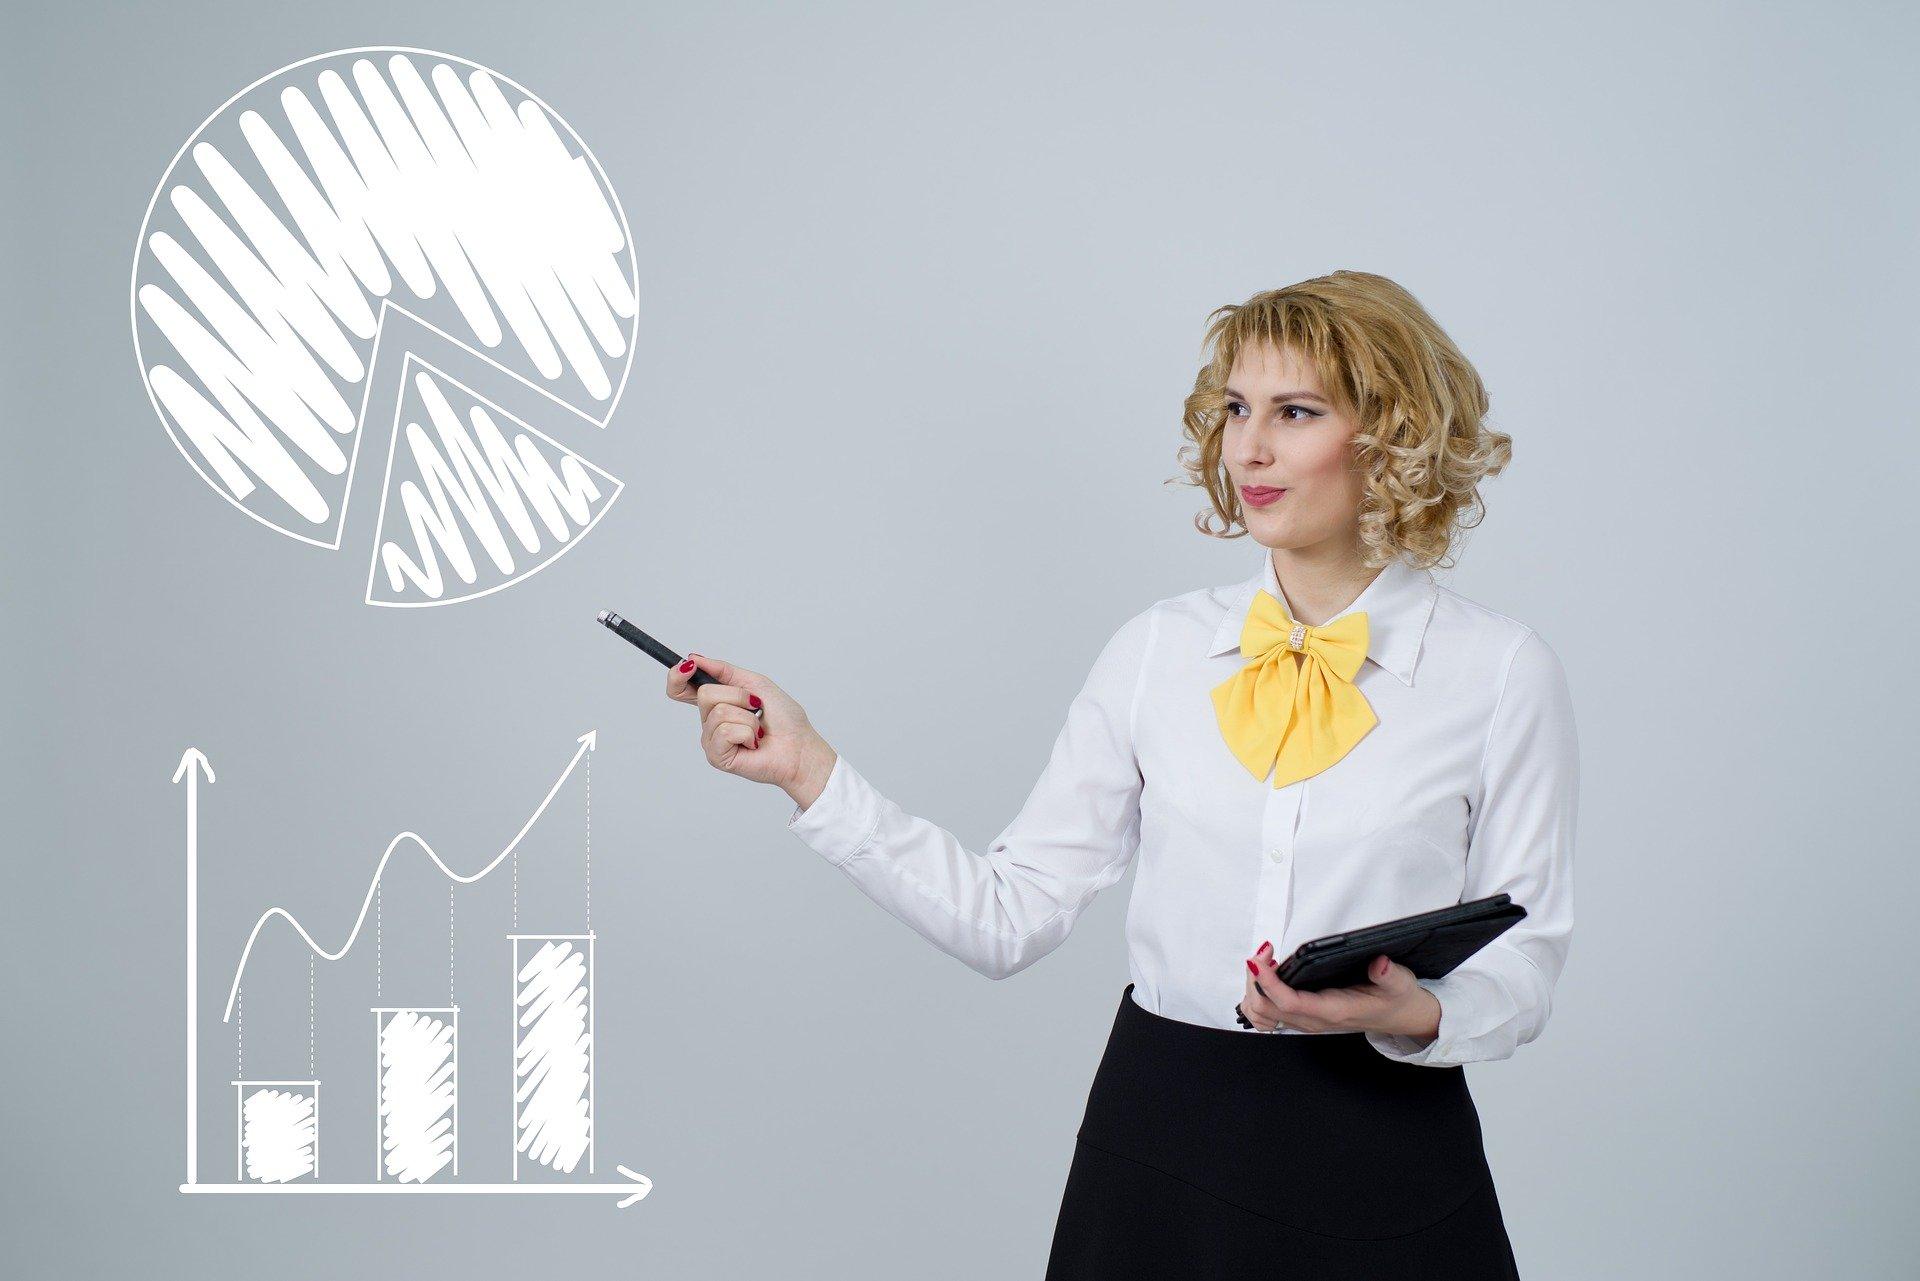 Zinsdeckungsgrad: Definition, Berechnung & Interpretation